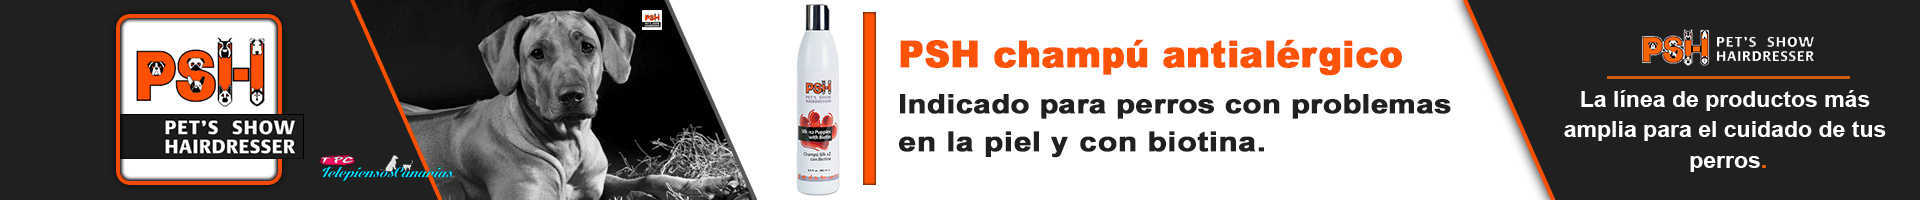 PSH champú para perros con biotina, antialérgico